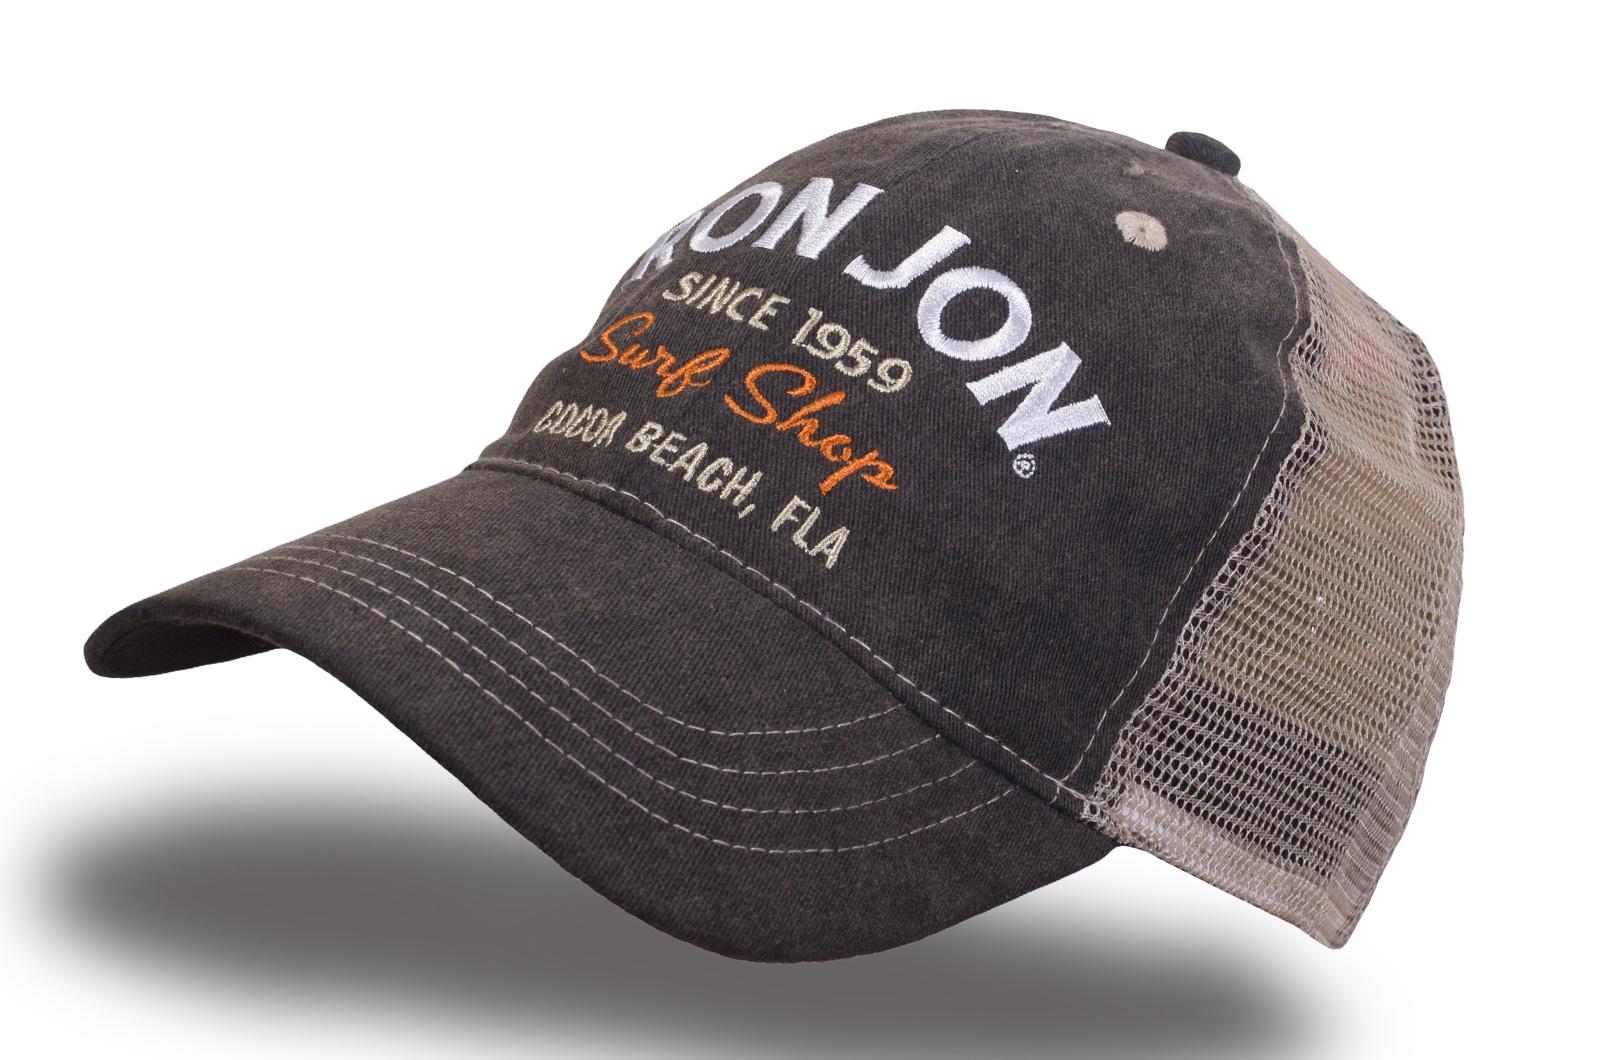 Кепка с сеткой Ron Jon - купить в интернет-магазине с доставкой